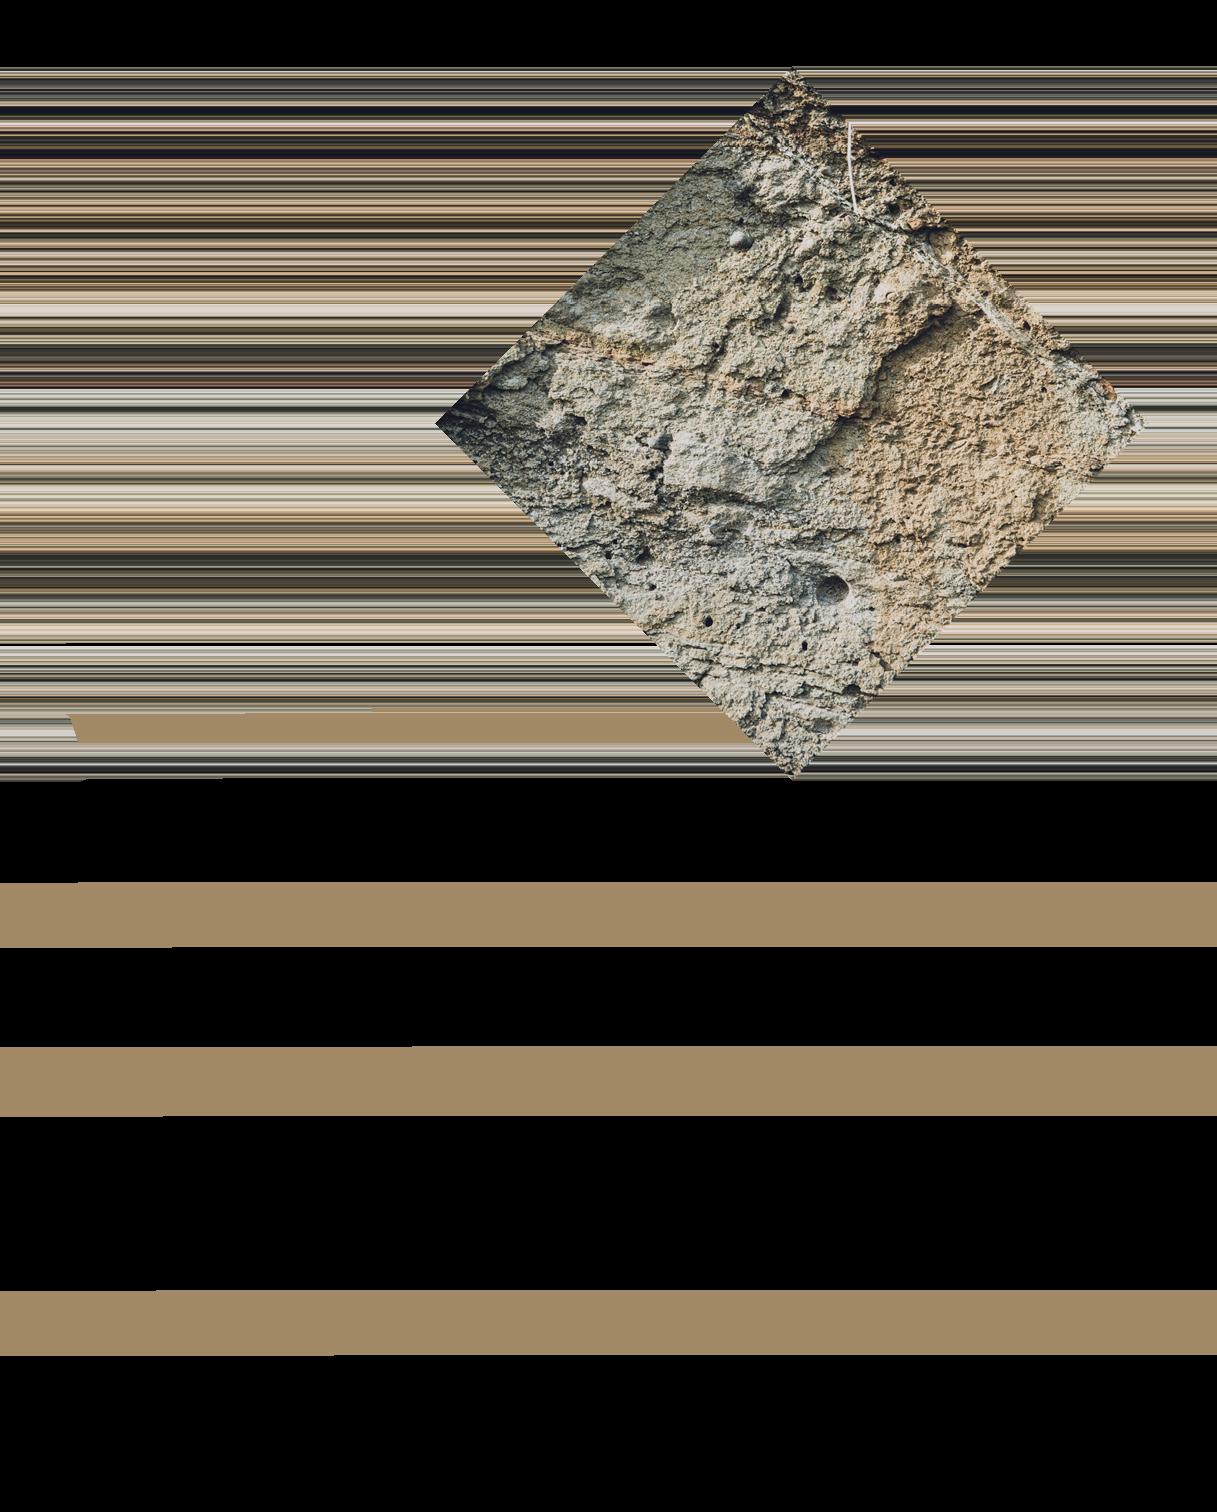 stk_web_grafiken3